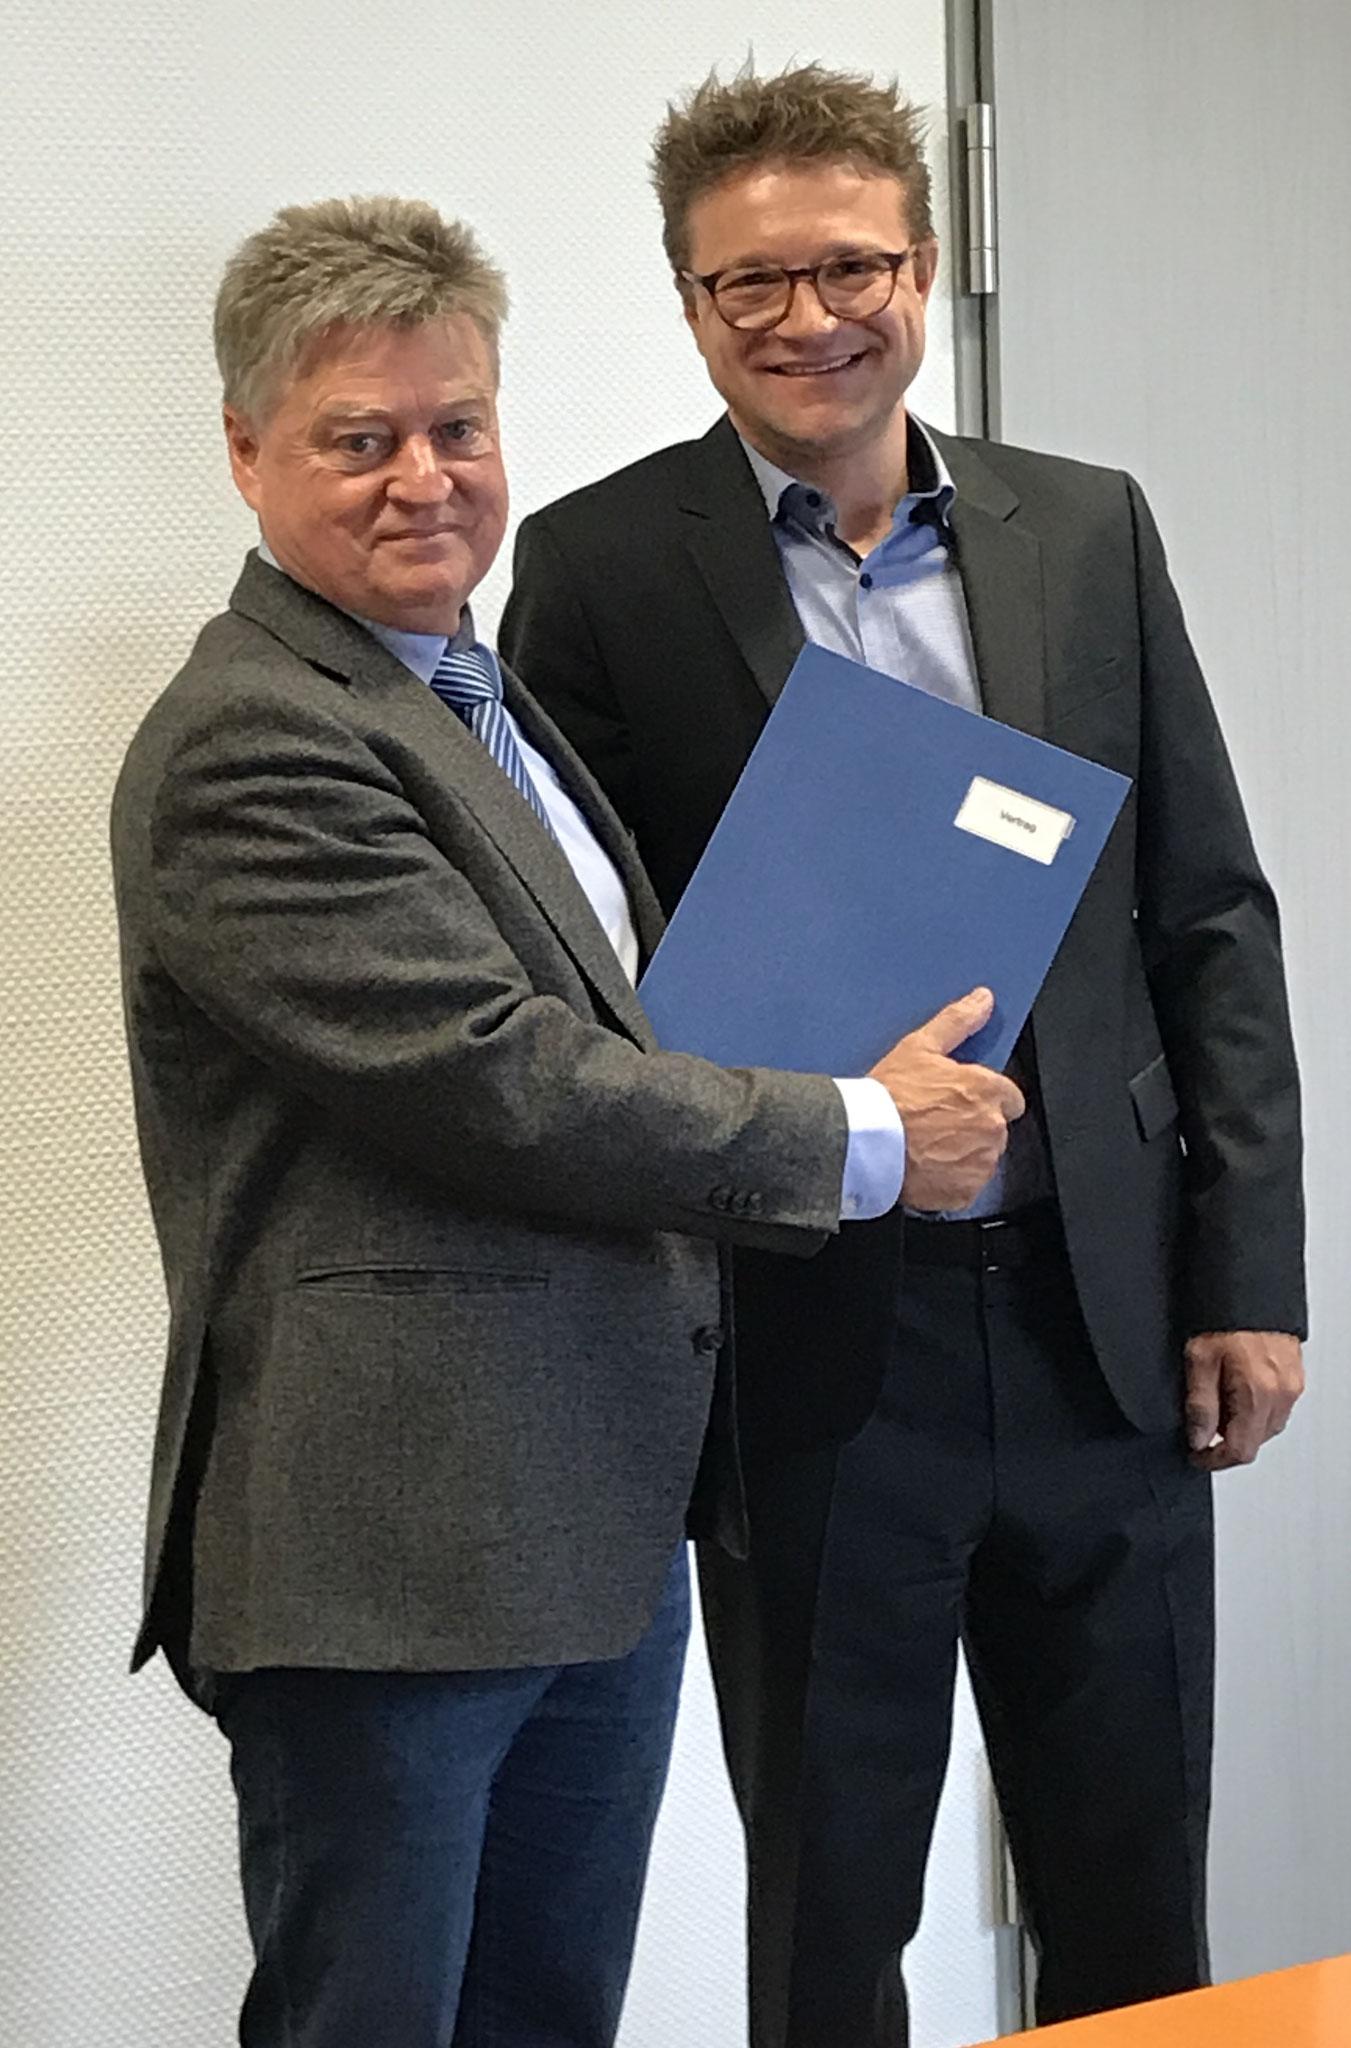 nach der Unterzeichnung der Kooperationsvereinbarung